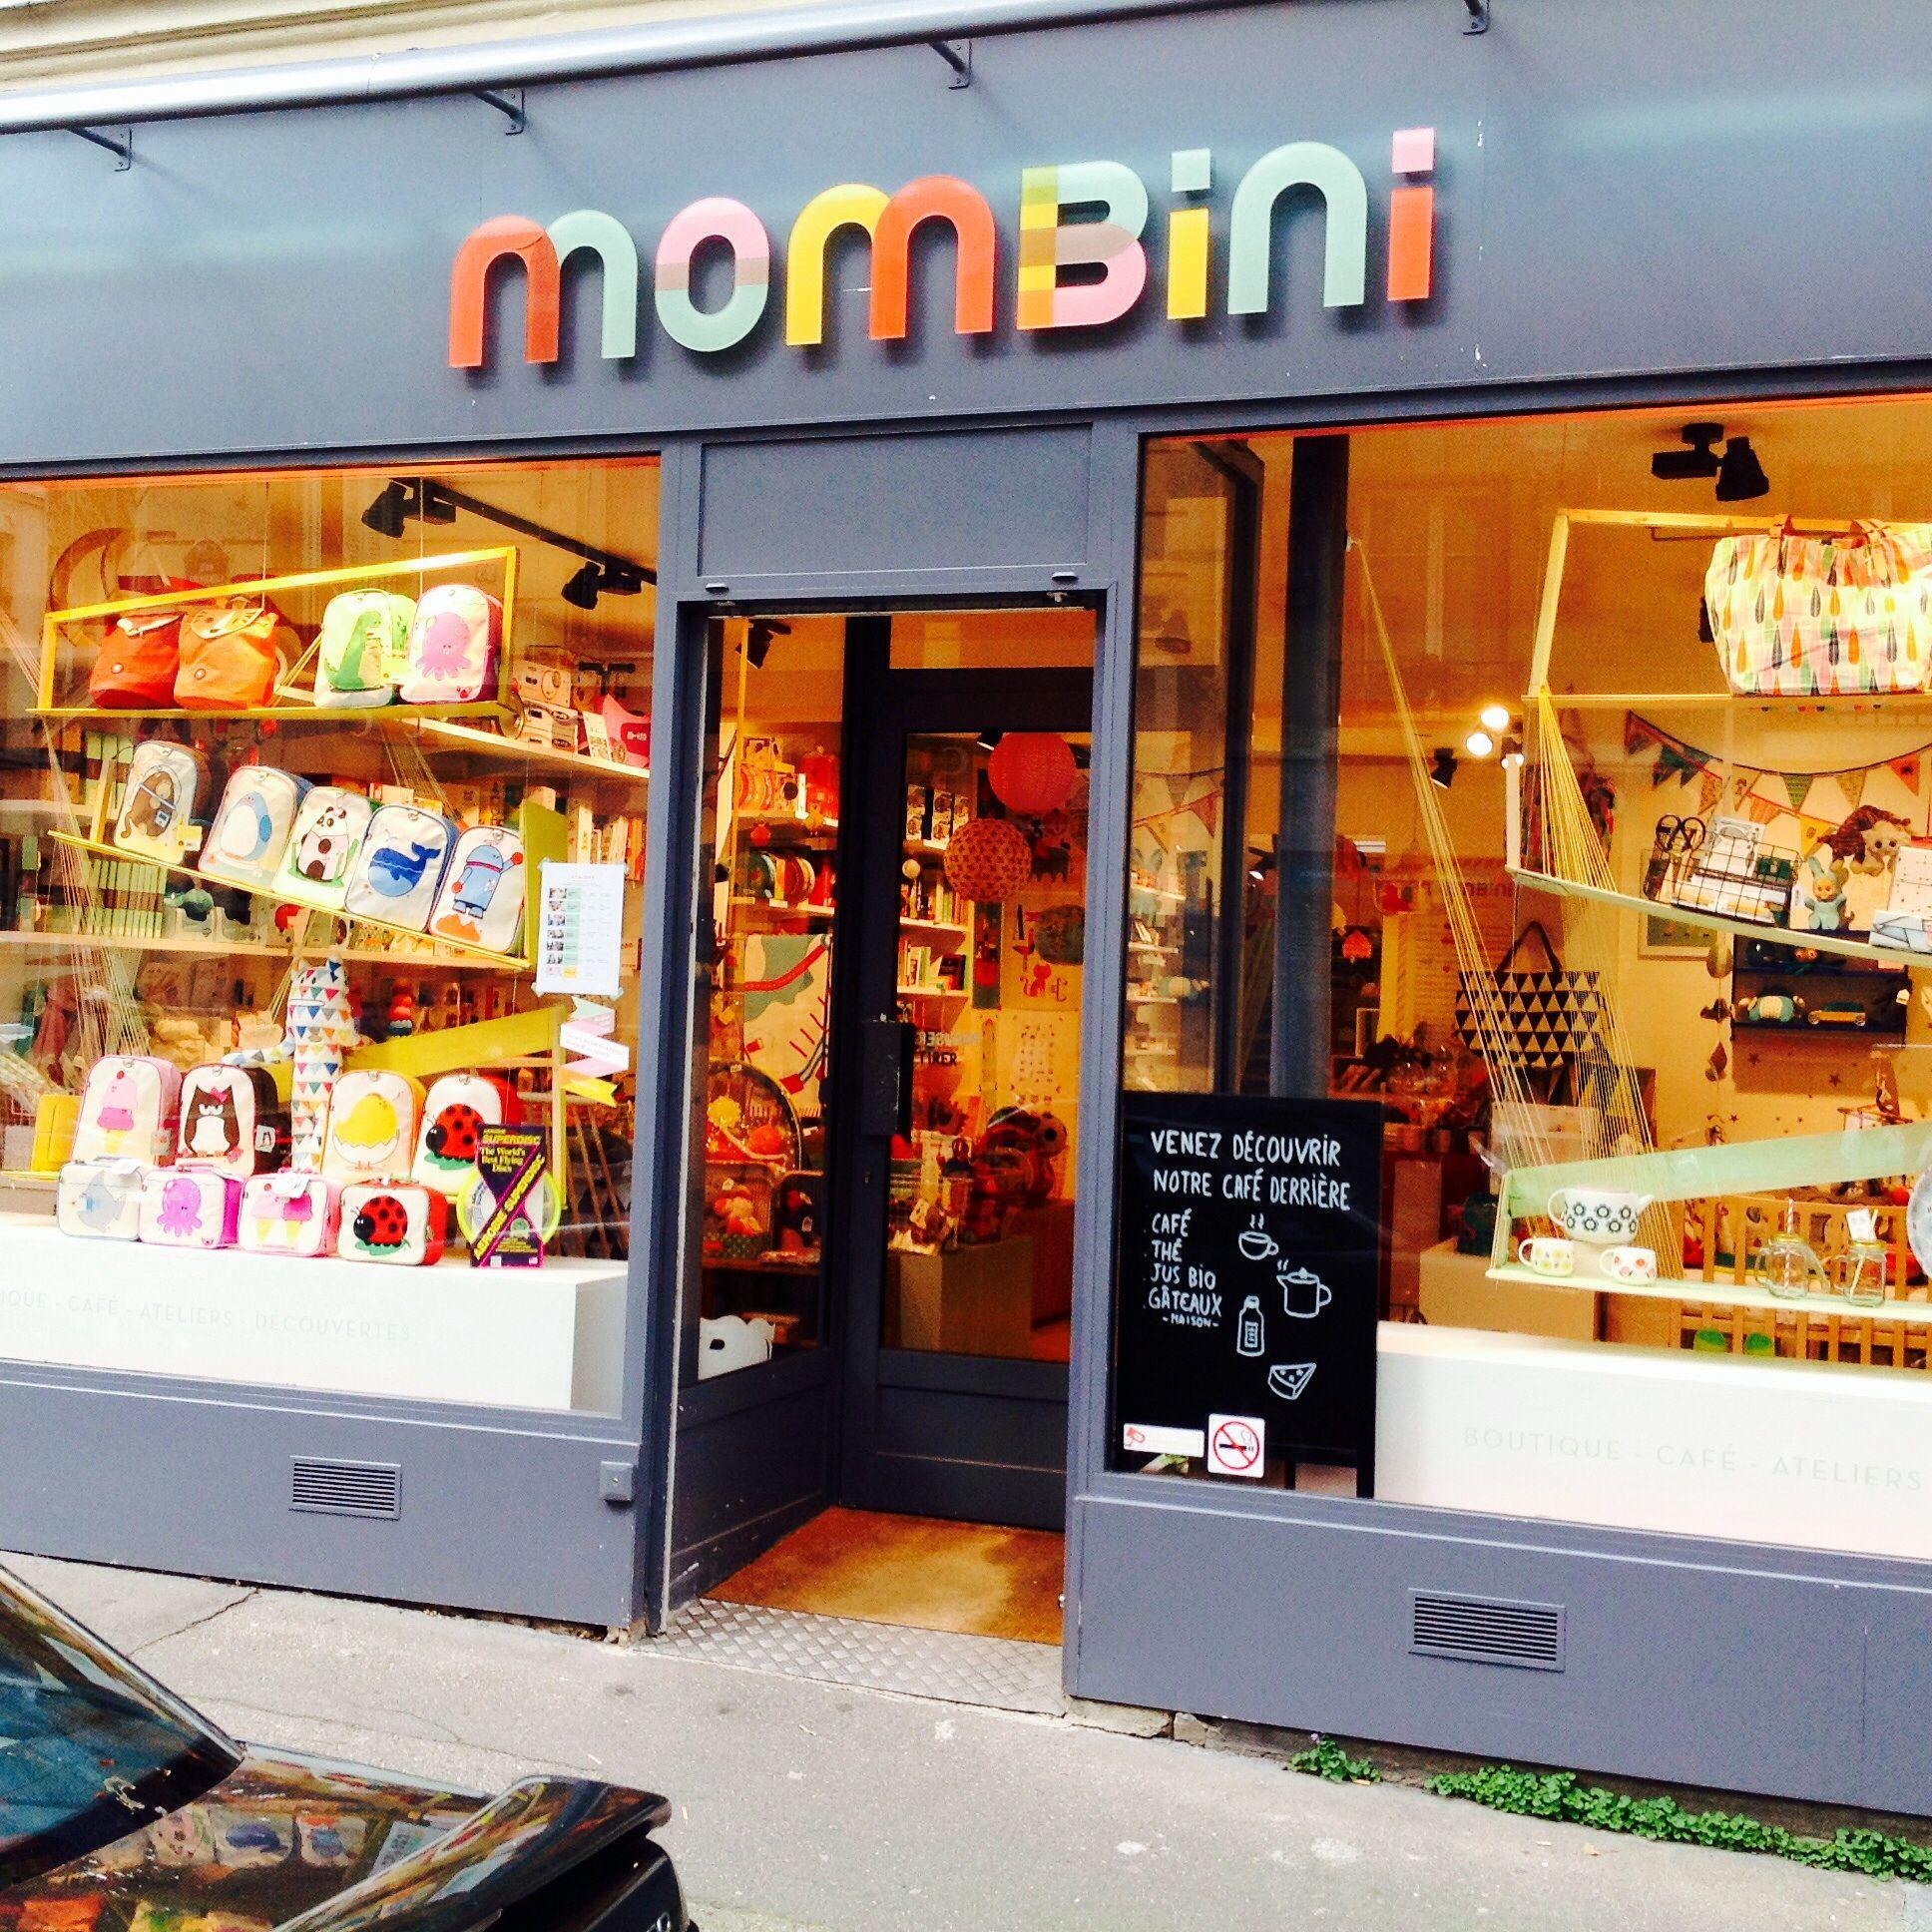 [COUP DE COEUR] Pourquoi j'aime tant Mombini… Kids cafe